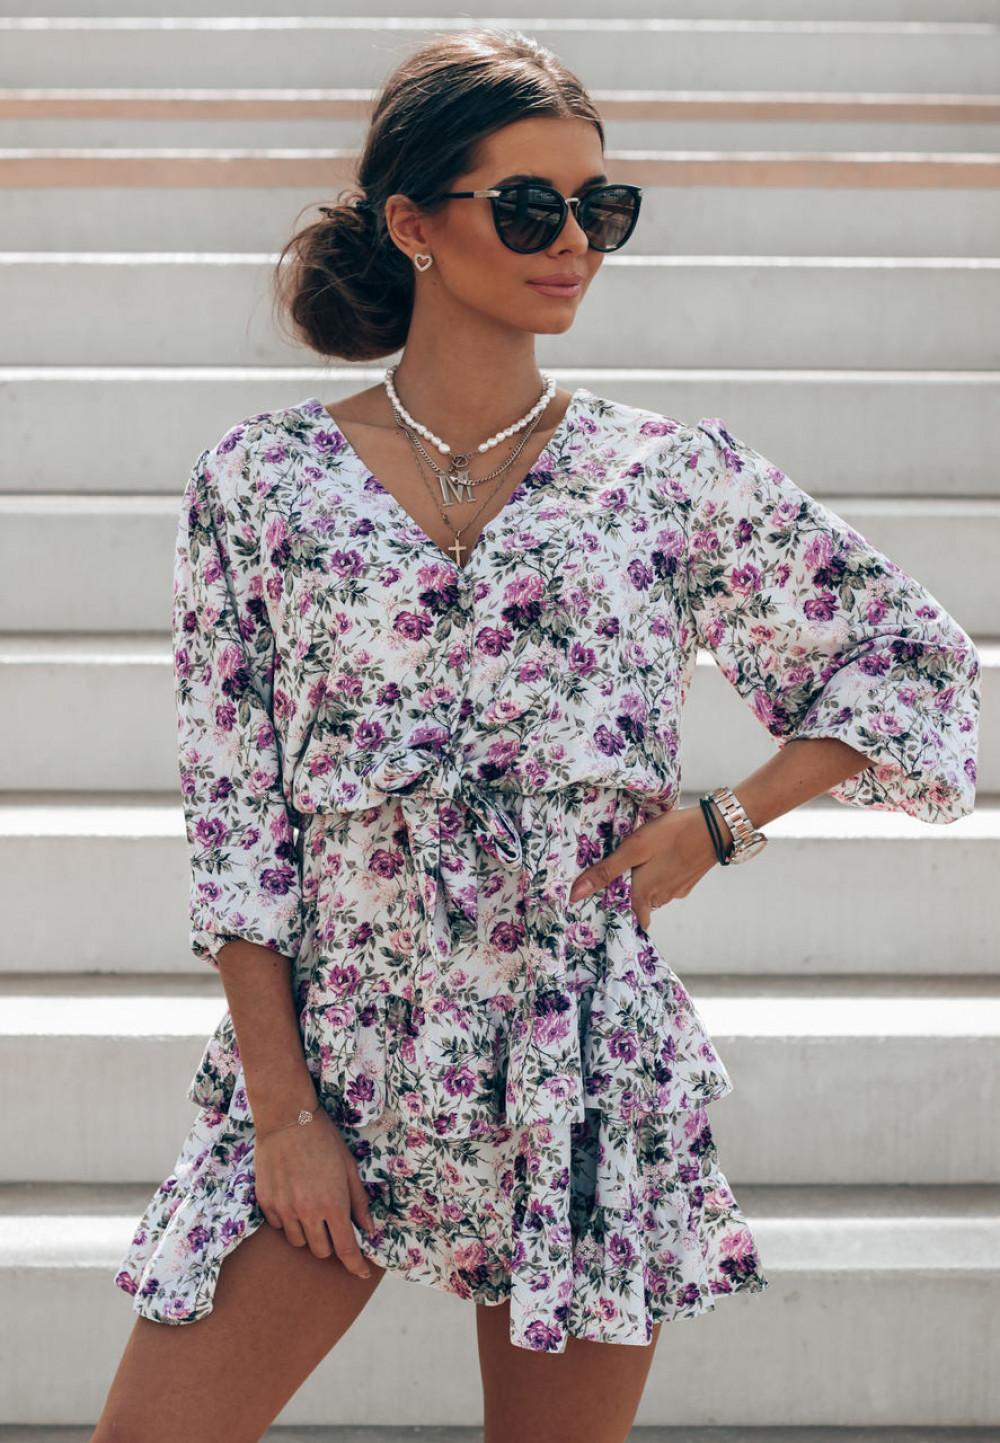 Fioletowo-zielona sukienka kwiatowa rozkloszowana z falbankami Abella 1